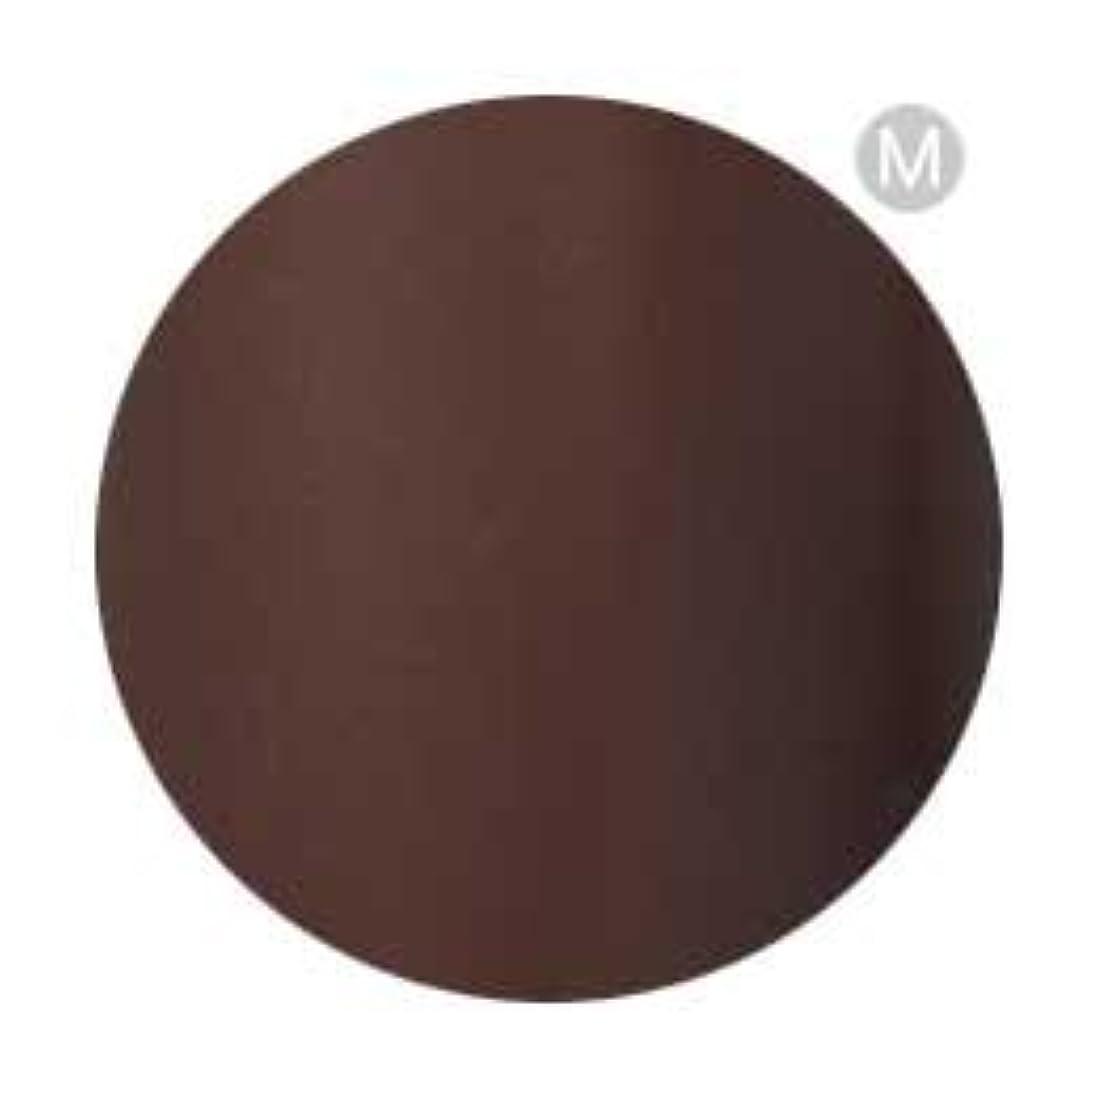 保険をかけるシミュレートする剪断Palms Graceful カラージェル 3g 050 チョコレート